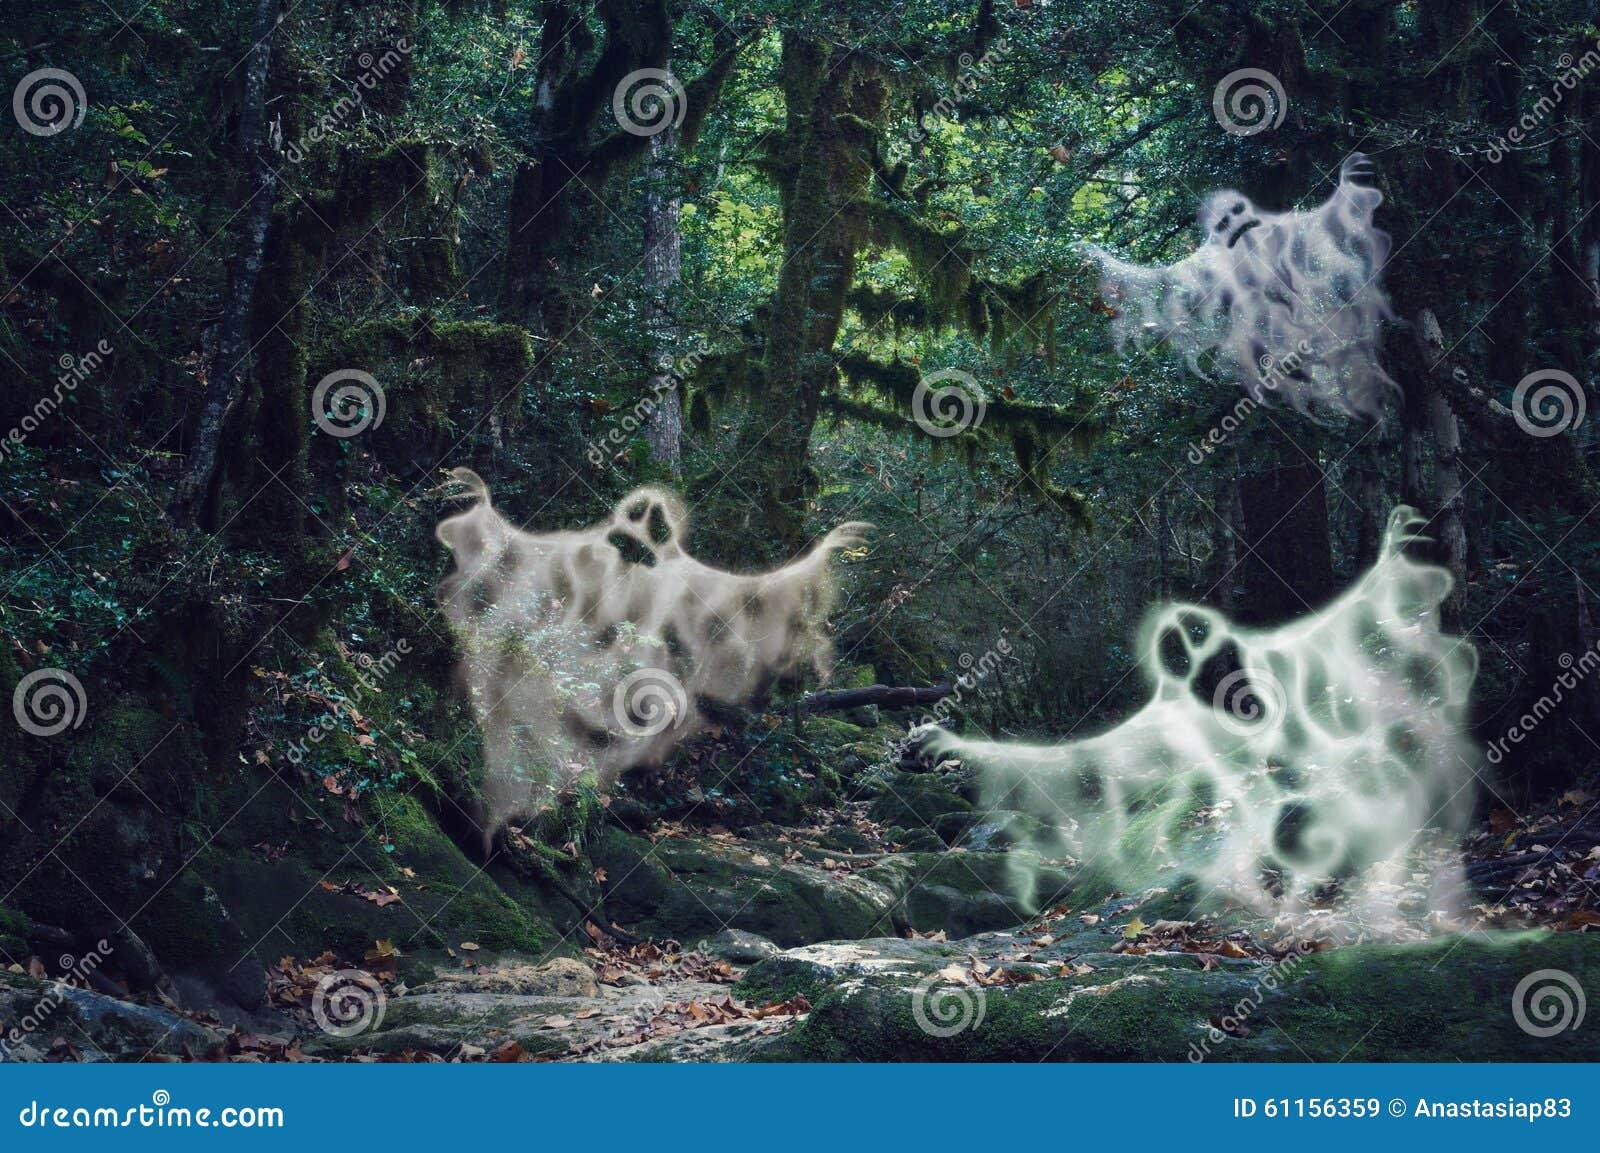 Волшебный тусклый свет преследовал лес с 3 страшными призраками